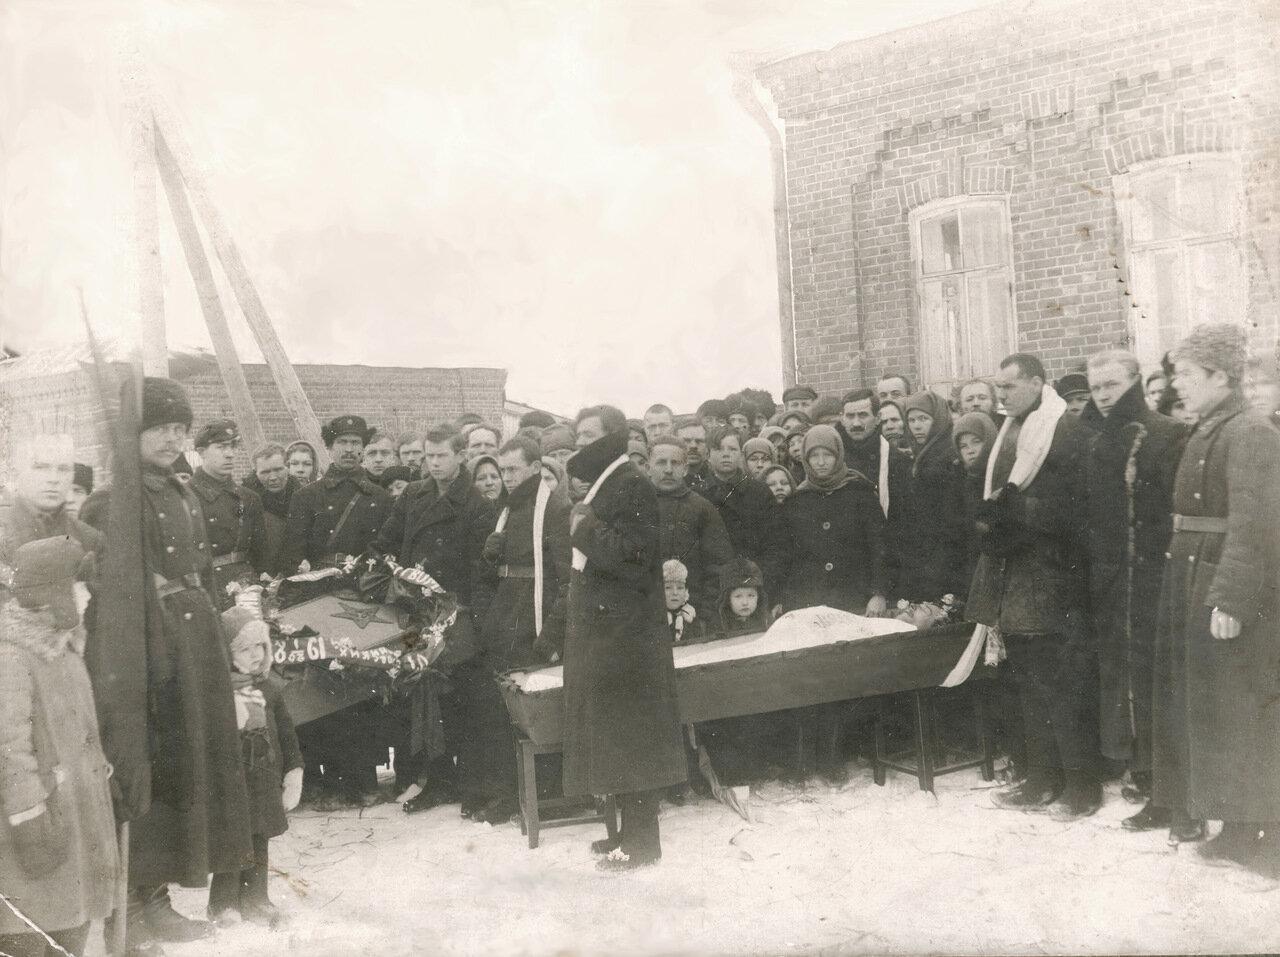 Пермская губерния, 20 годы. Похороны чекиста